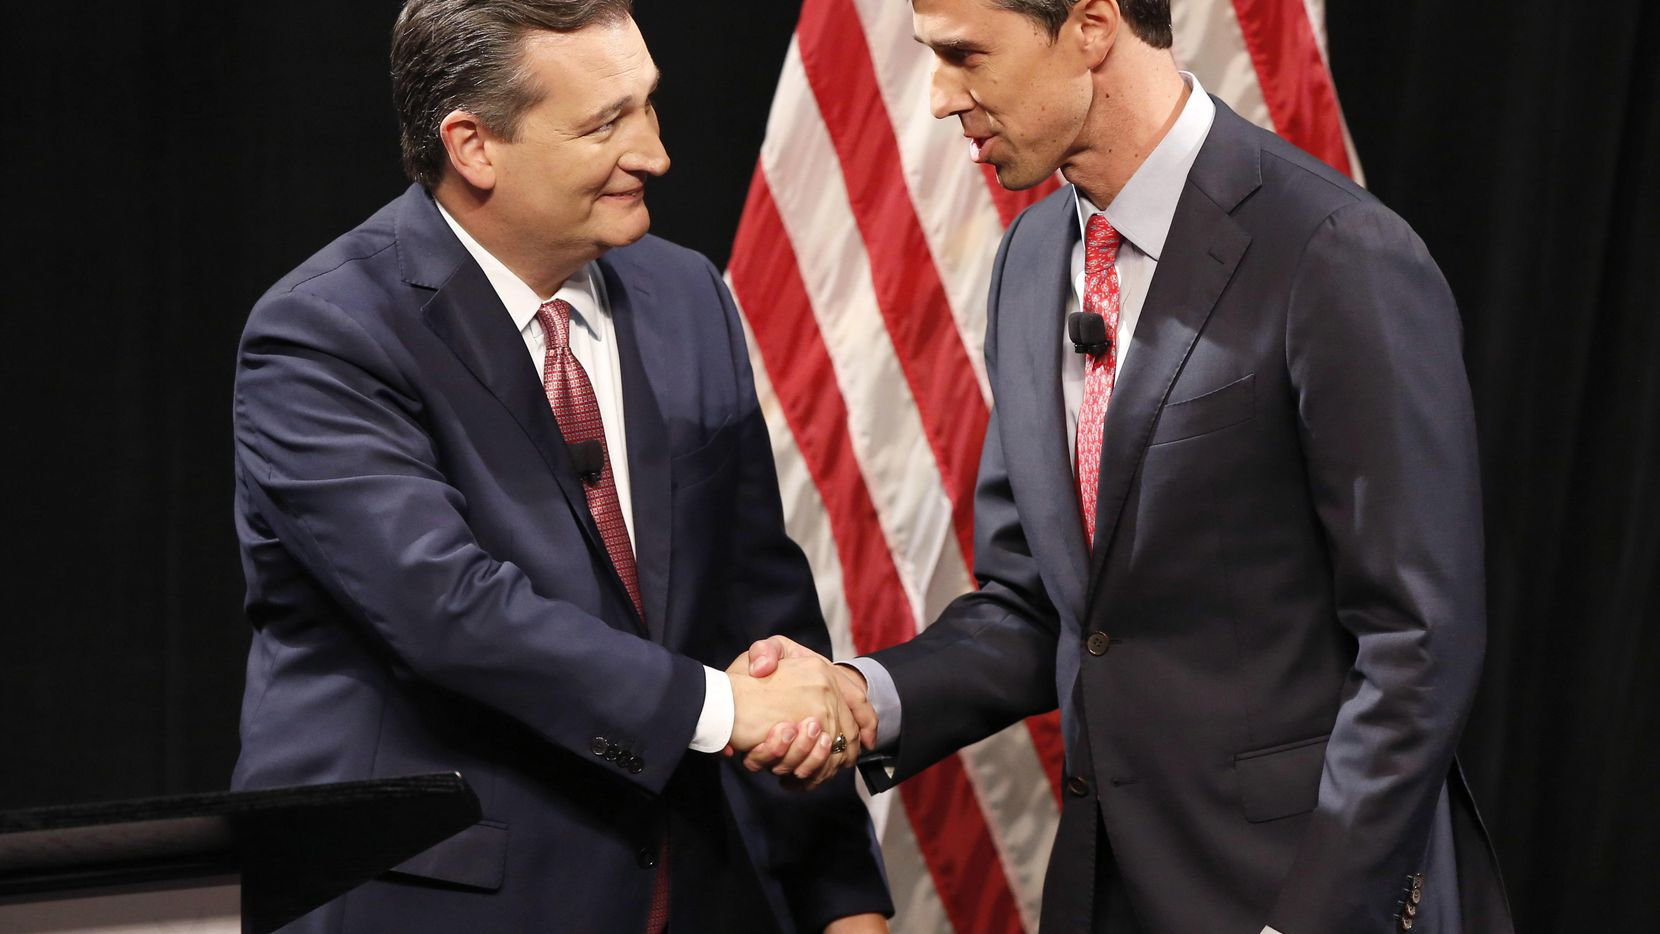 El senador Ted Cruz y el representante Beto O'Rourke se saludan al iniciar el debate del viernes pasado en SMU. (AP/NATHAN HUNSINGER)